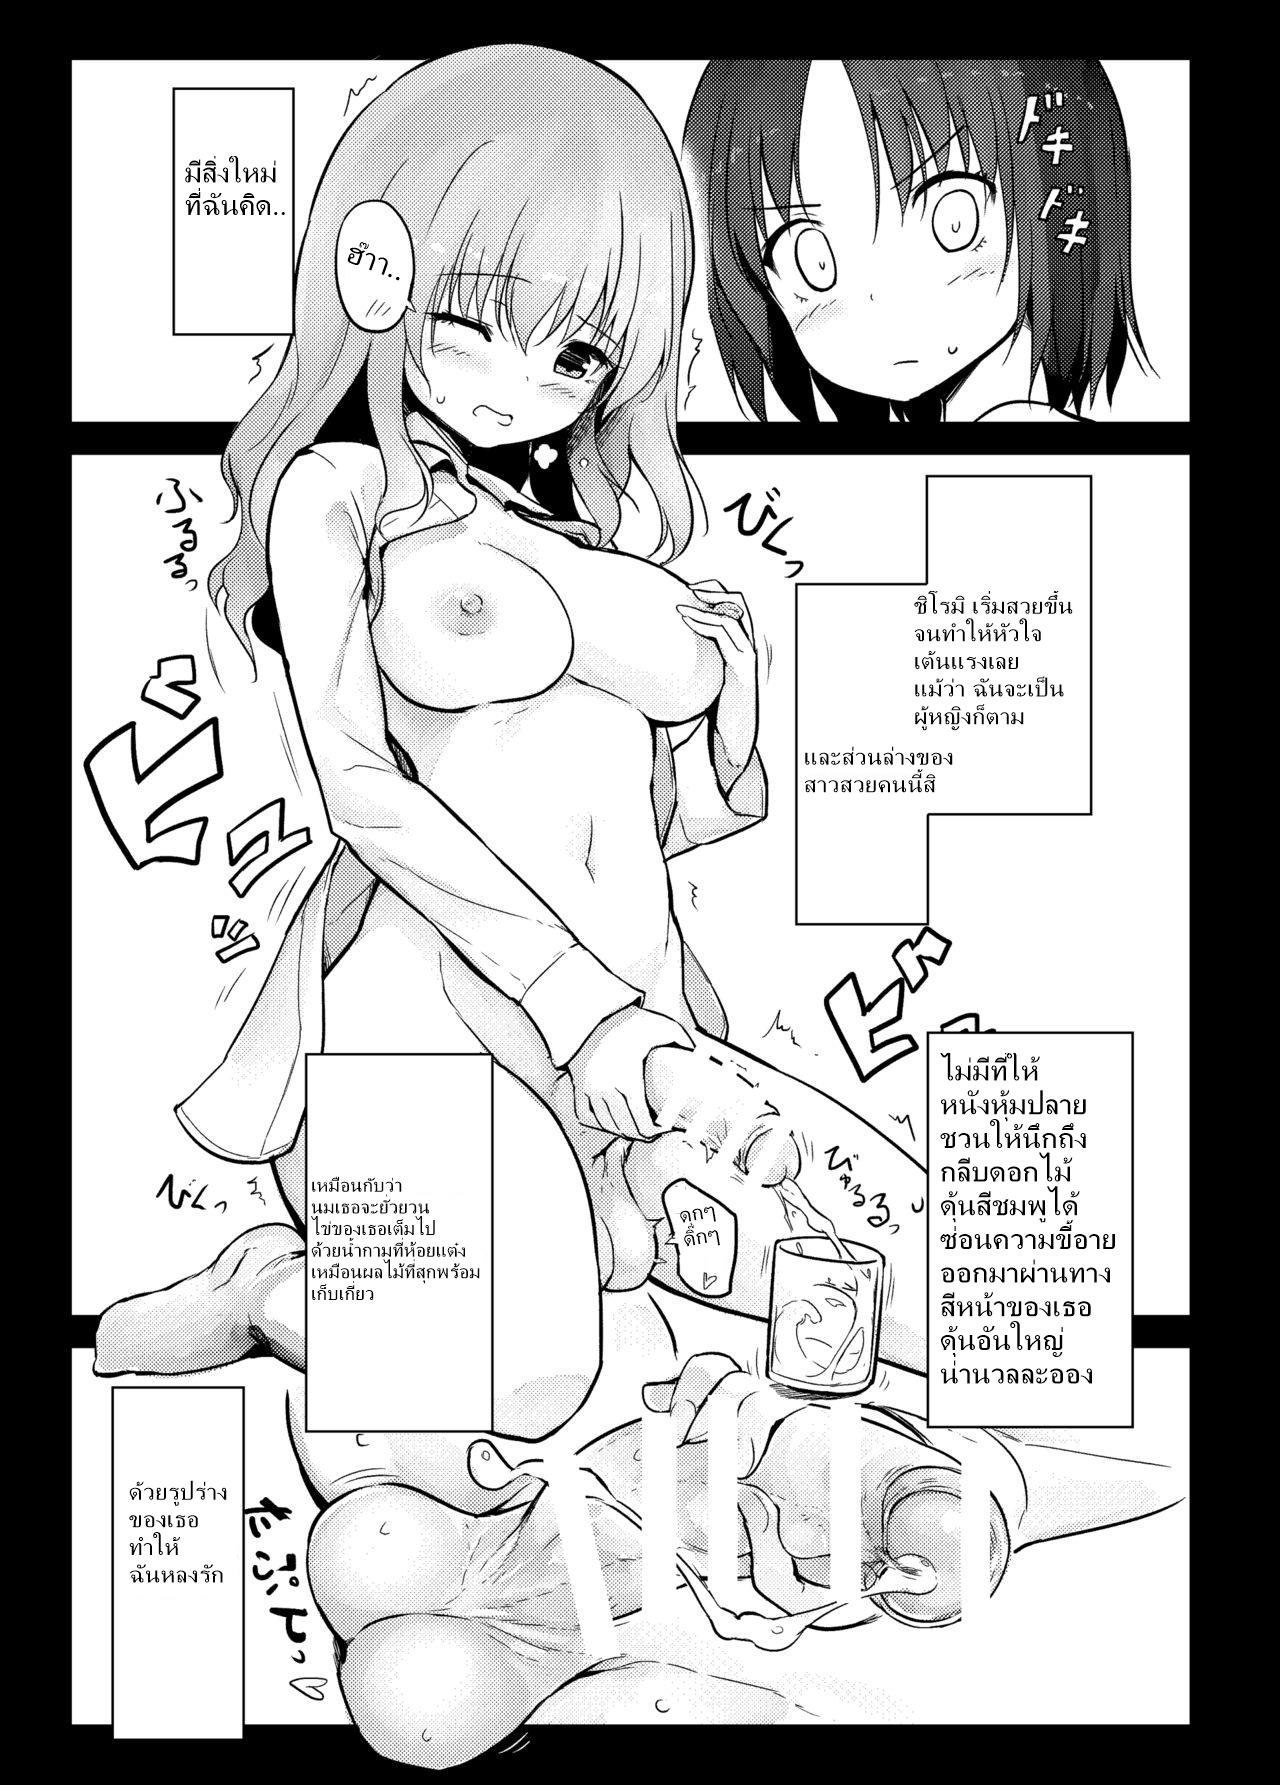 สายสัมพันธ์ของสาวฟูตานาริ ภาพ 8